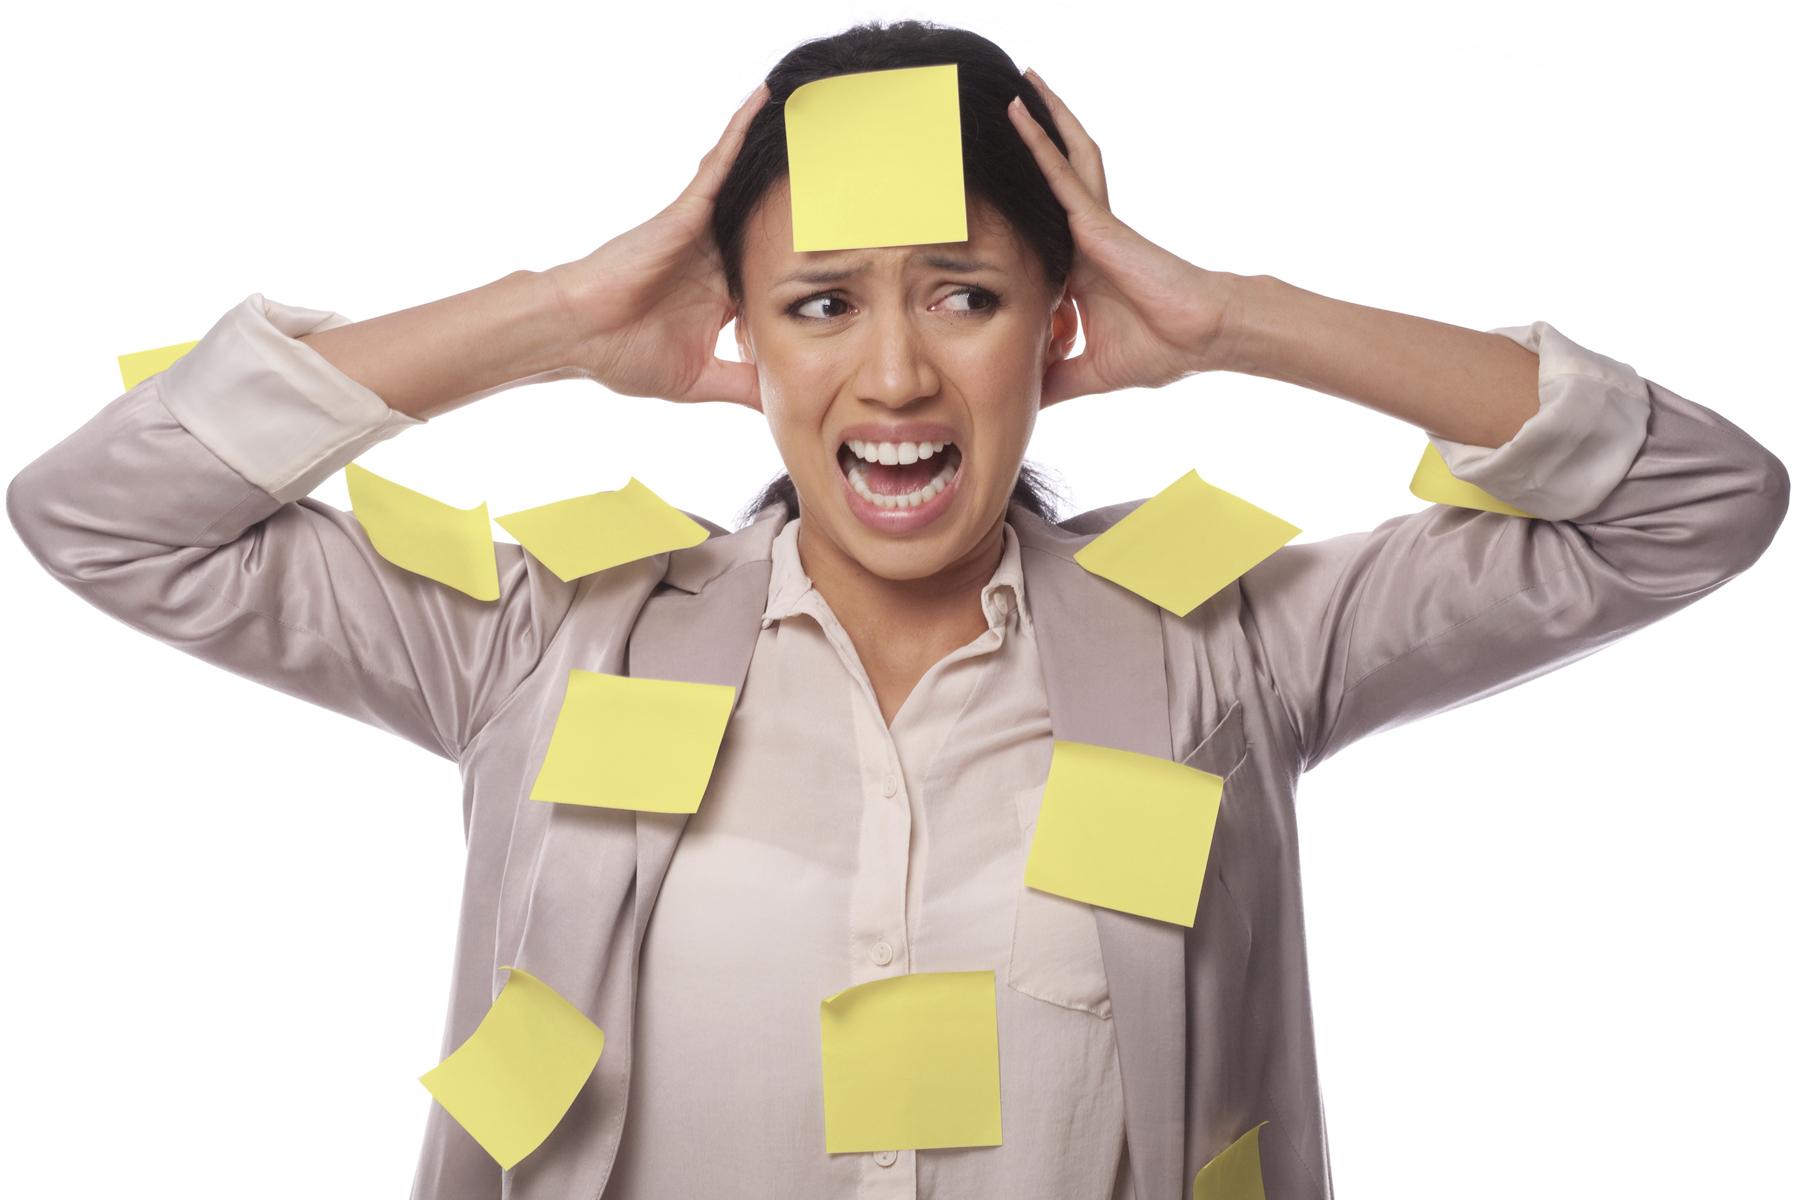 Diez consejos para trabajar sin estresarse